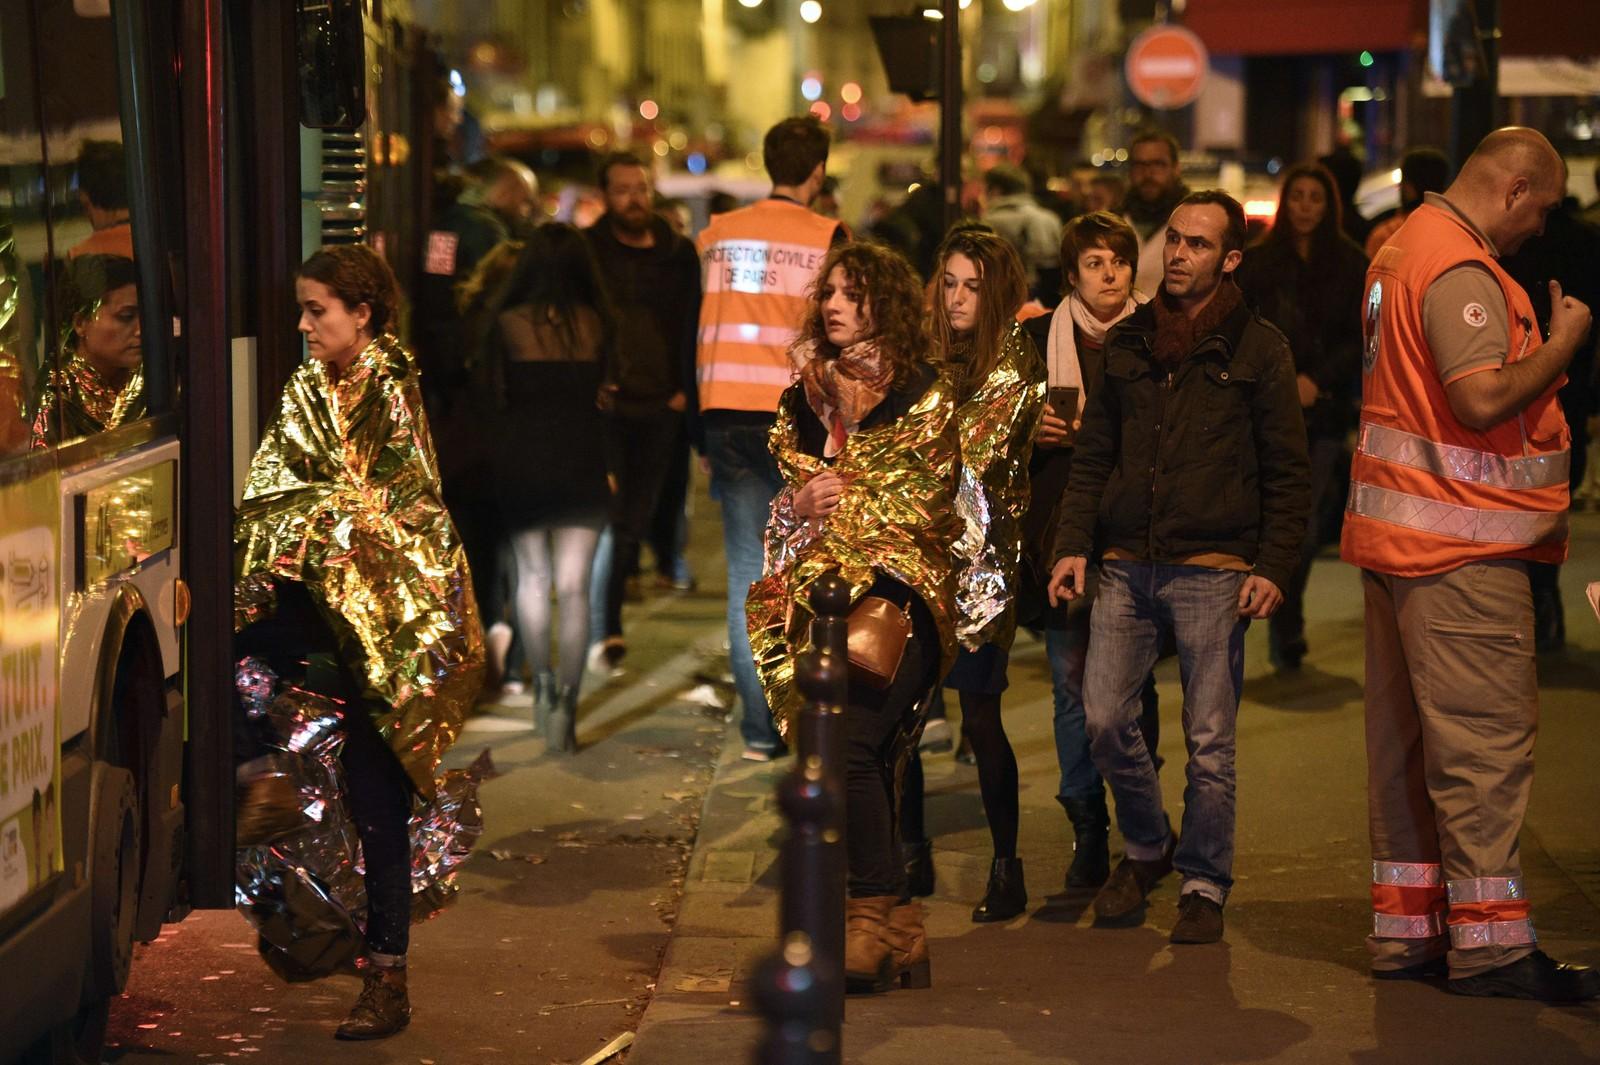 TO ANGREPSLAG: Det kan se ut som at angriperne hadde delt seg i to. Det ene laget gikk til angrep på fotballarenaen Stade de France, og flere personer sprengte seg selv i luften utenfor.